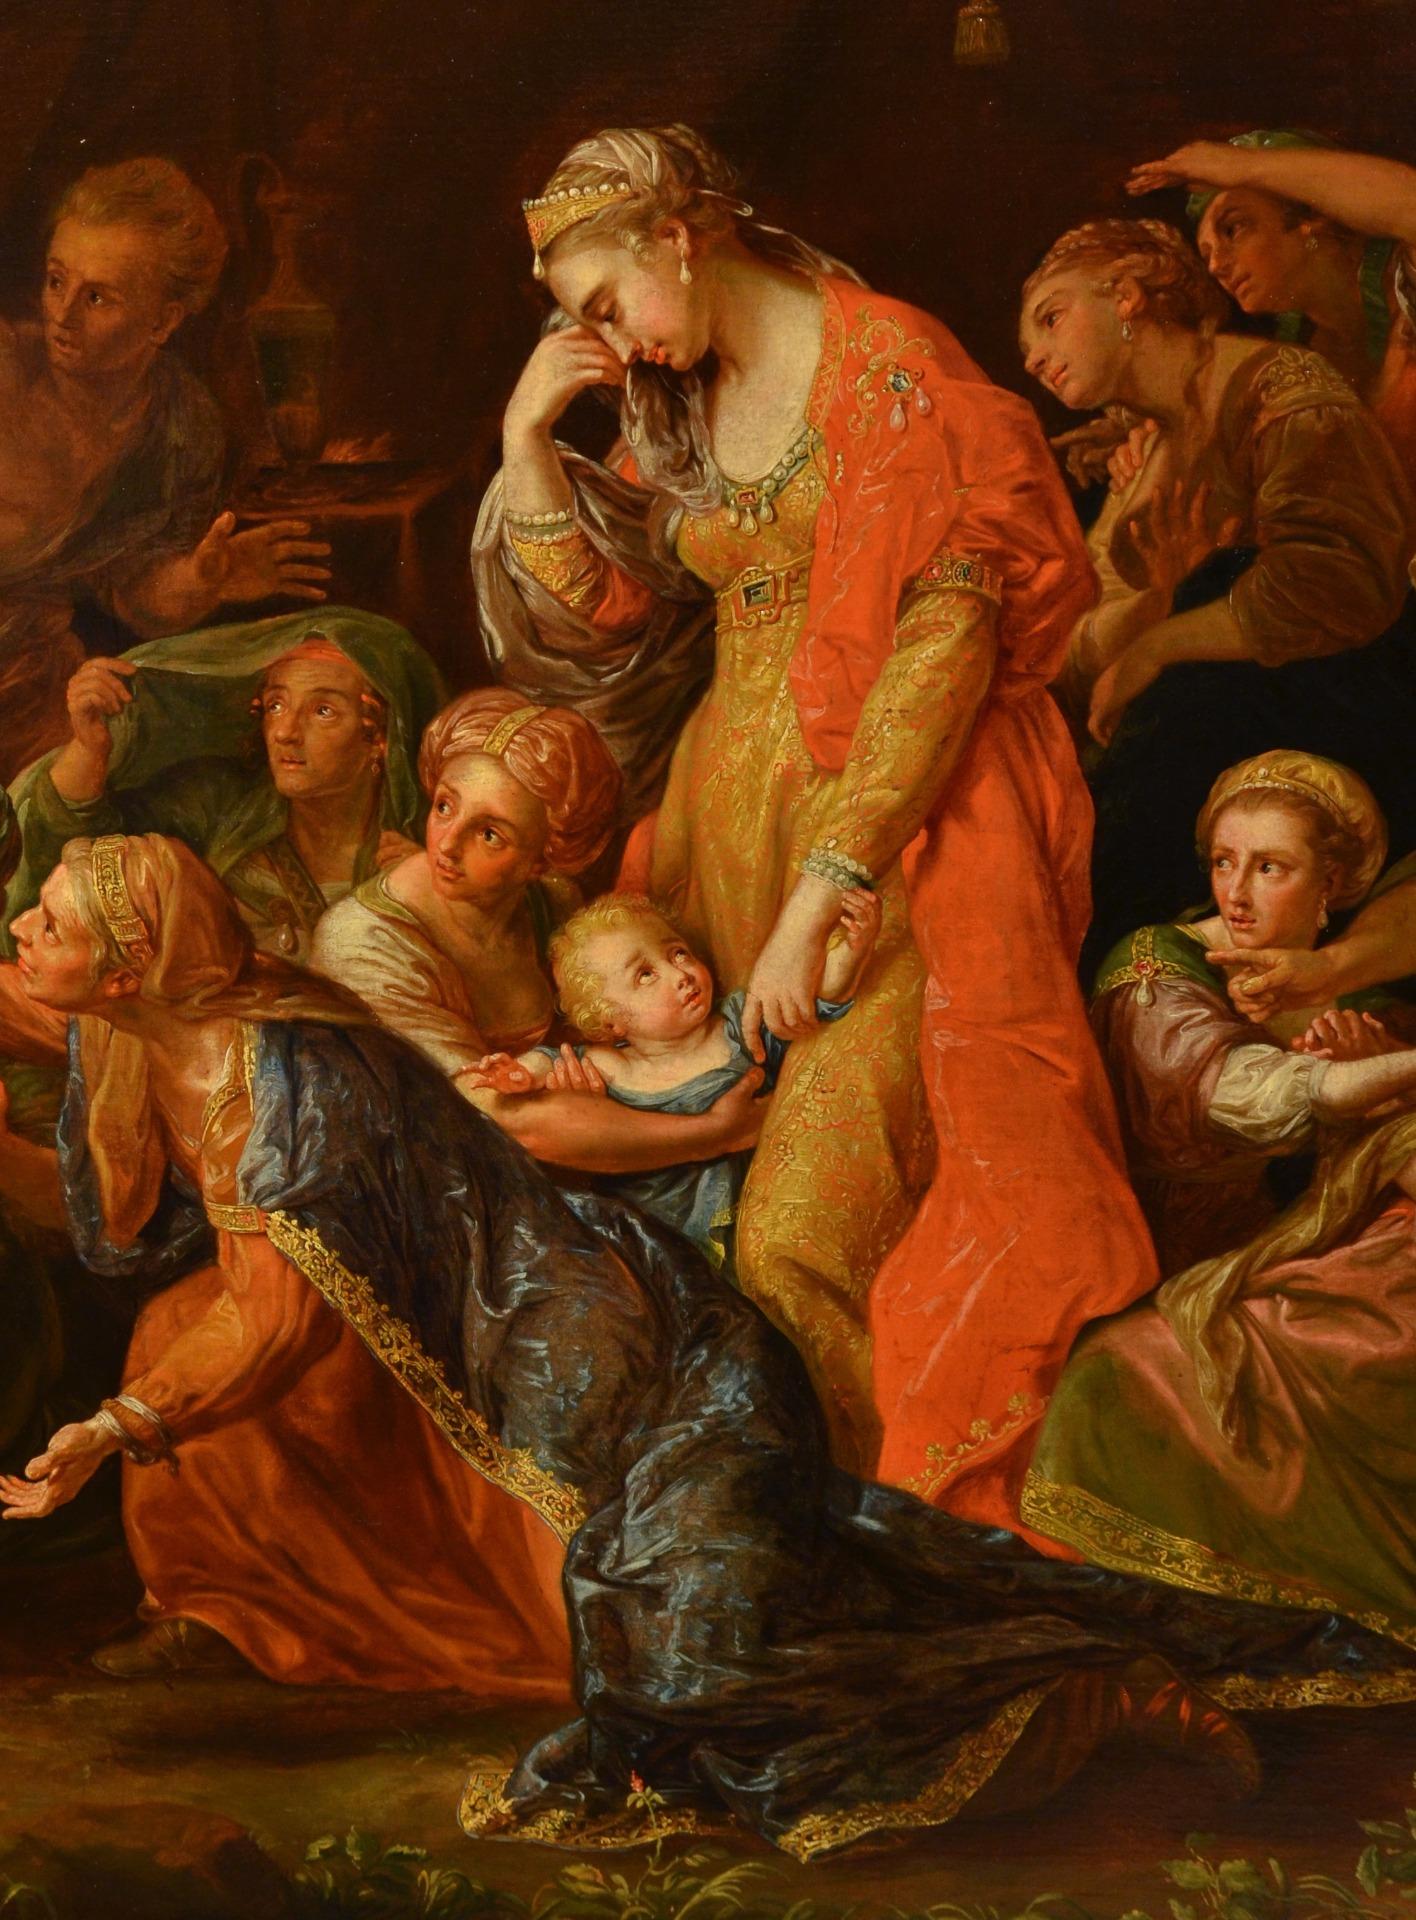 thumb5|Alessandro Magno visita la famiglia di Dario, Pompeo Girolamo Batoni (Lucca 1708 – Roma 1787) e bottega (VENDUTO)